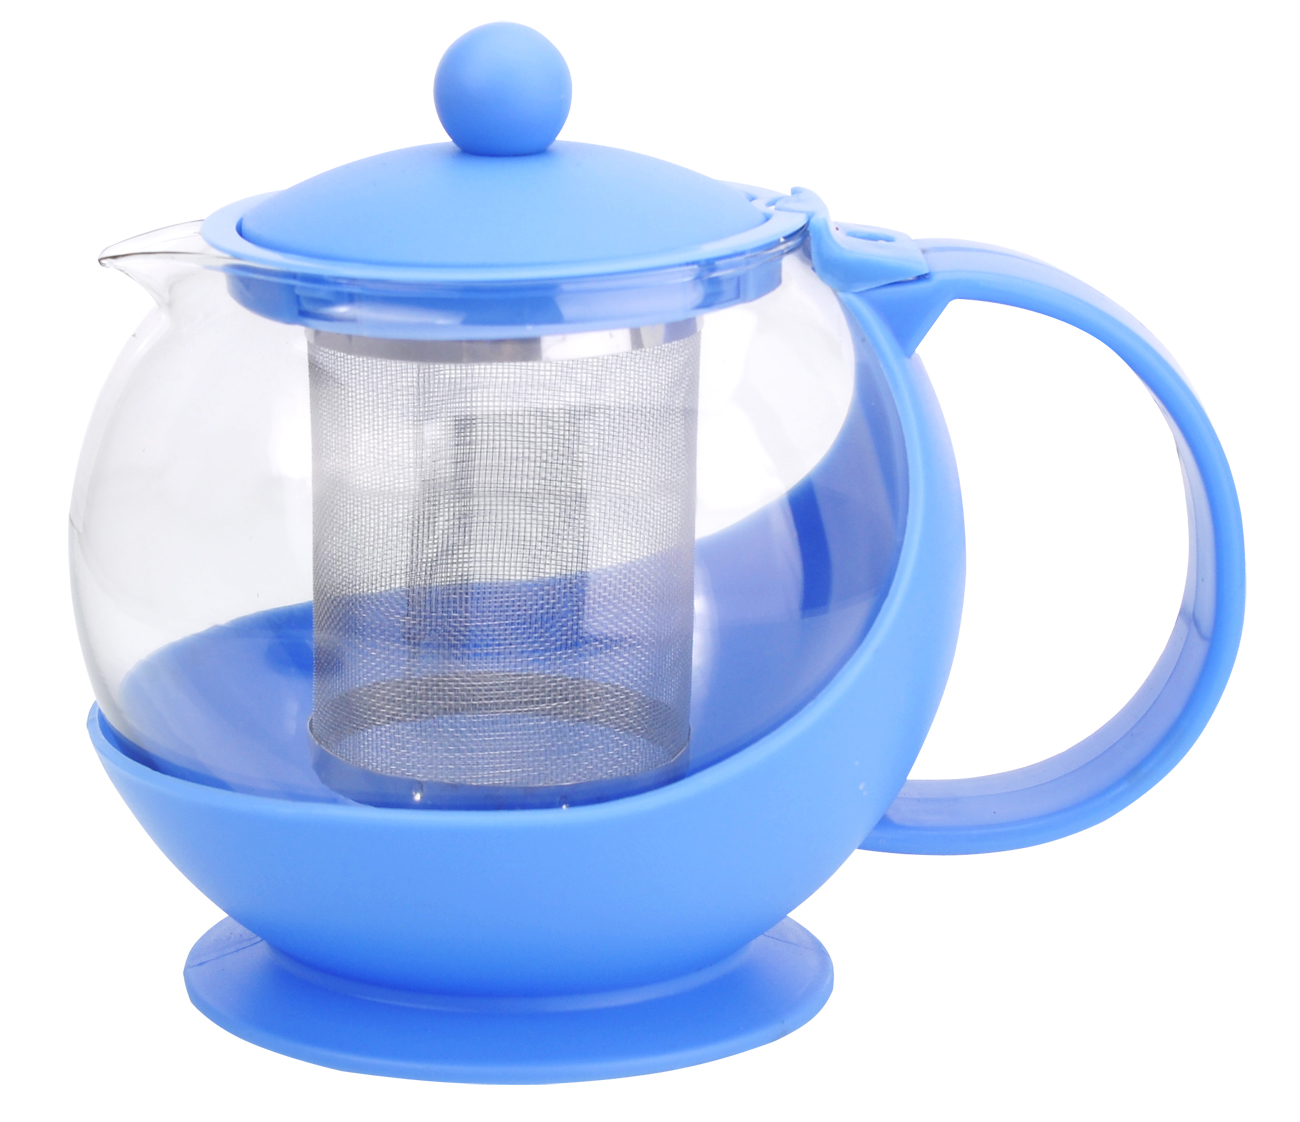 Чайник заварочный МФК-профит, с фильтром, цвет: голубой, 750 мл54 009312Заварочный чайник МФК-профит предоставит вам все необходимые возможности для успешного заваривания чая. Он изготовлен из термостойкого стекла и оснащен крышкой и ручкой из пластика, также имеется вставка из нержавеющей стали. Чай в таком чайнике дольше остается горячим, а полезные и ароматические вещества полностью сохраняются в напитке. Чайник оснащен фильтром, который выполнен из нержавеющей стали. Простой и удобный чайник поможет вам приготовить крепкий, ароматный чай. Нельзя мыть в посудомоечной машине. Не использовать в микроволновой печи.